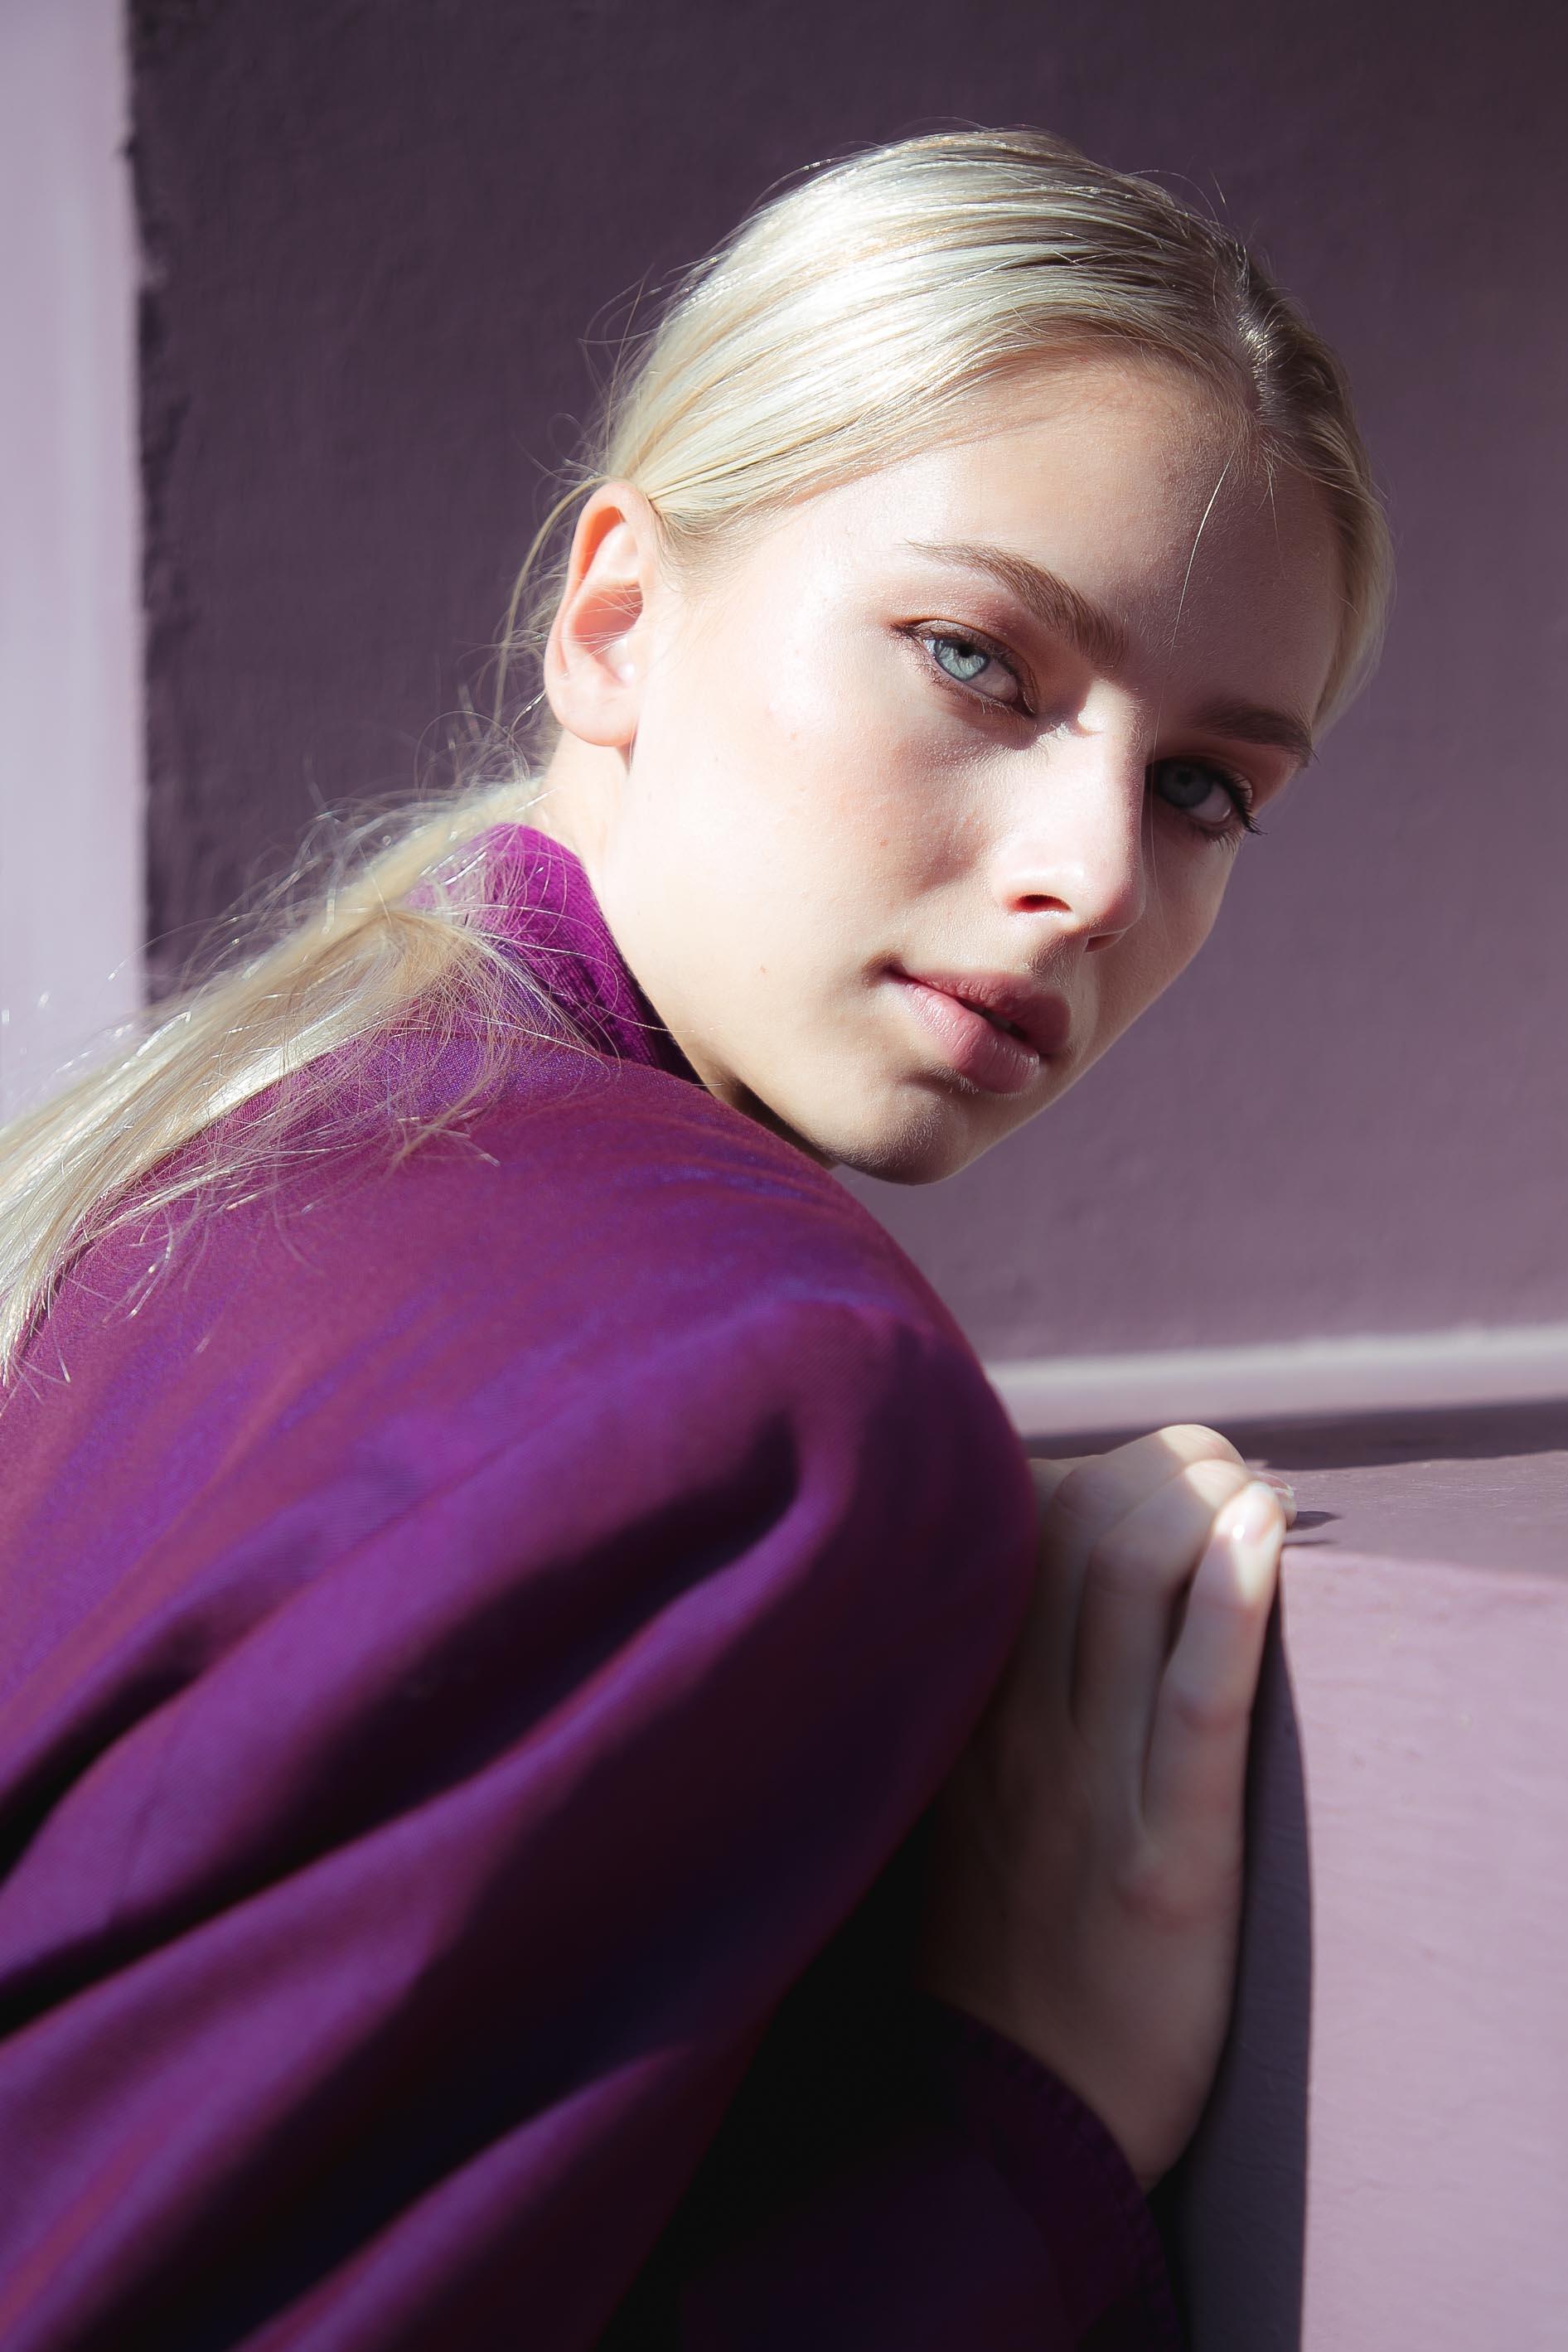 portrait Regina ambiance violet